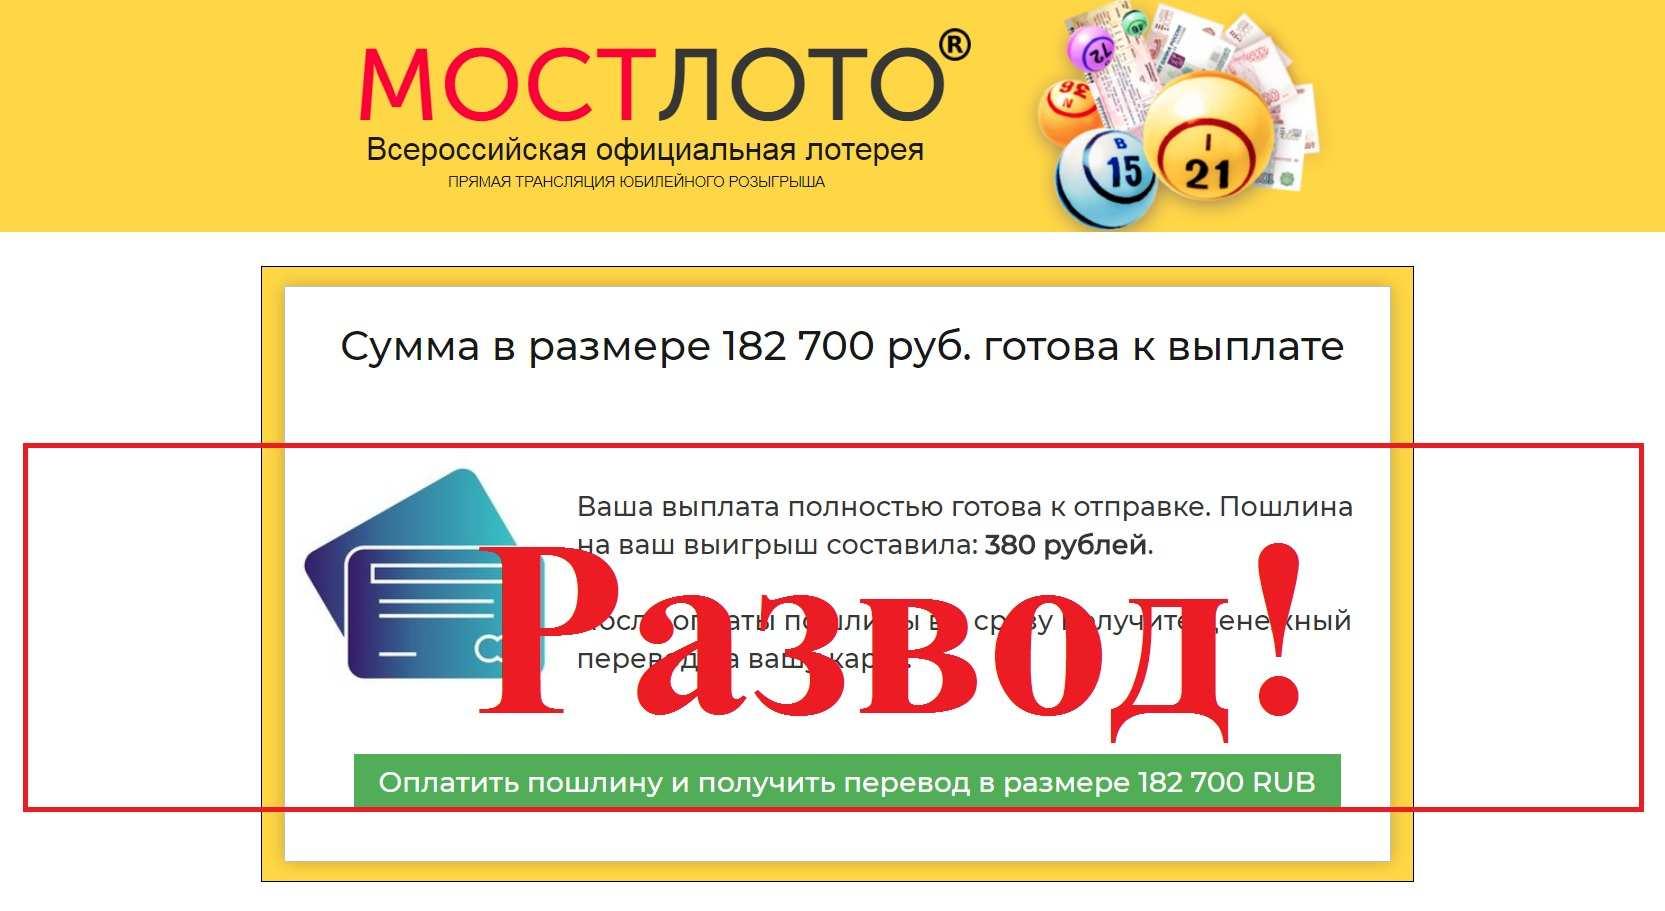 МостЛото всероссийская официальная лотерея – отзывы о МостЛото